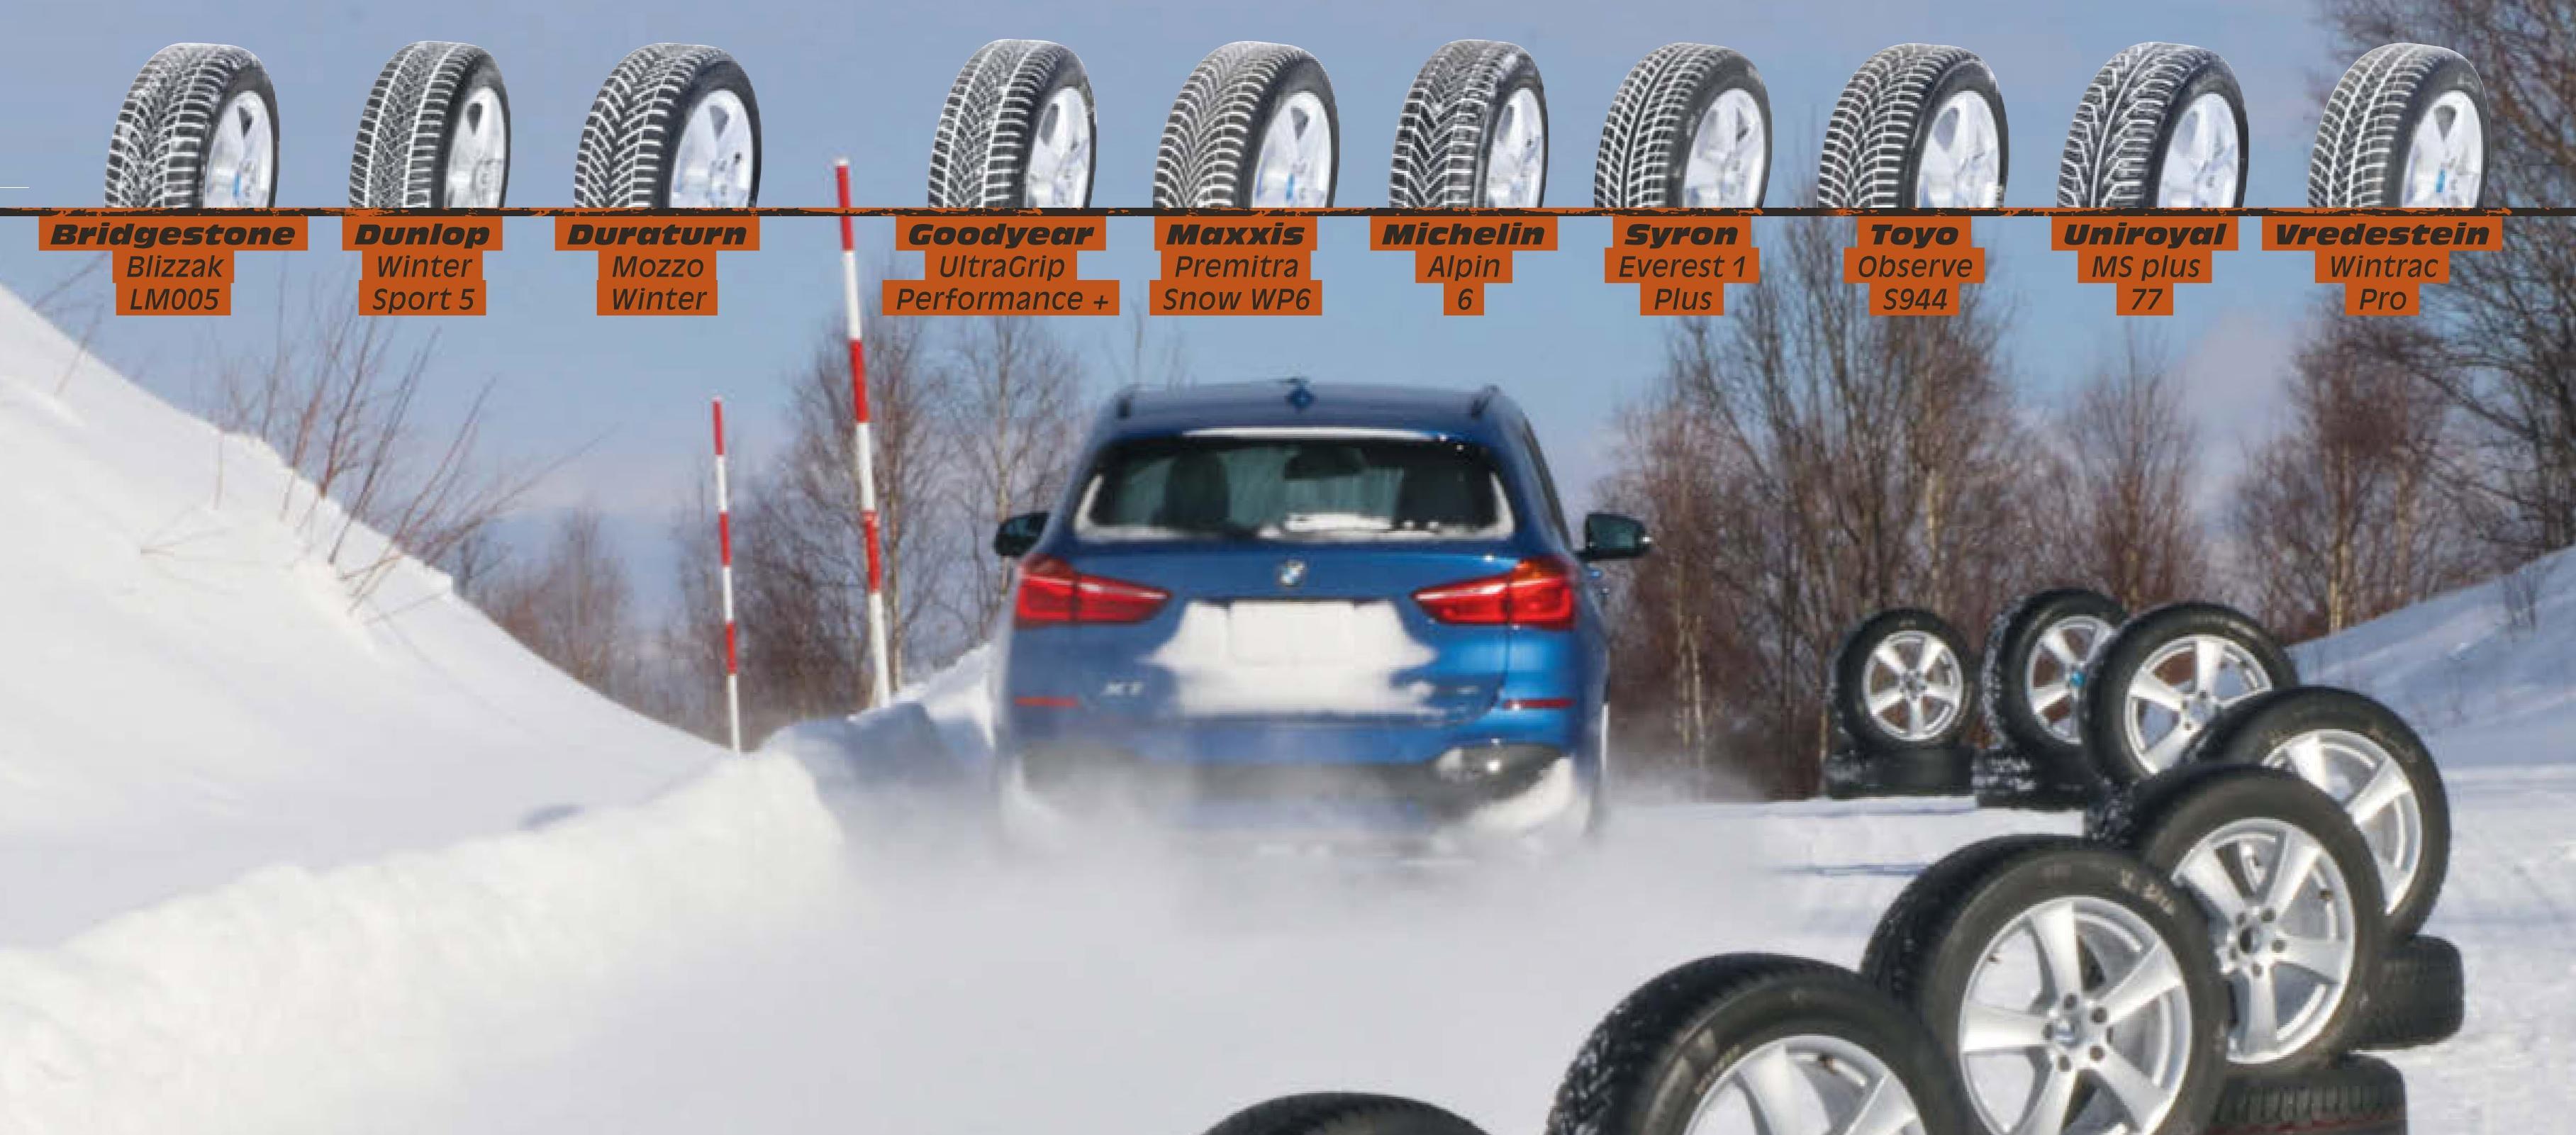 Тест зимних нешипованных шин 225/55R17